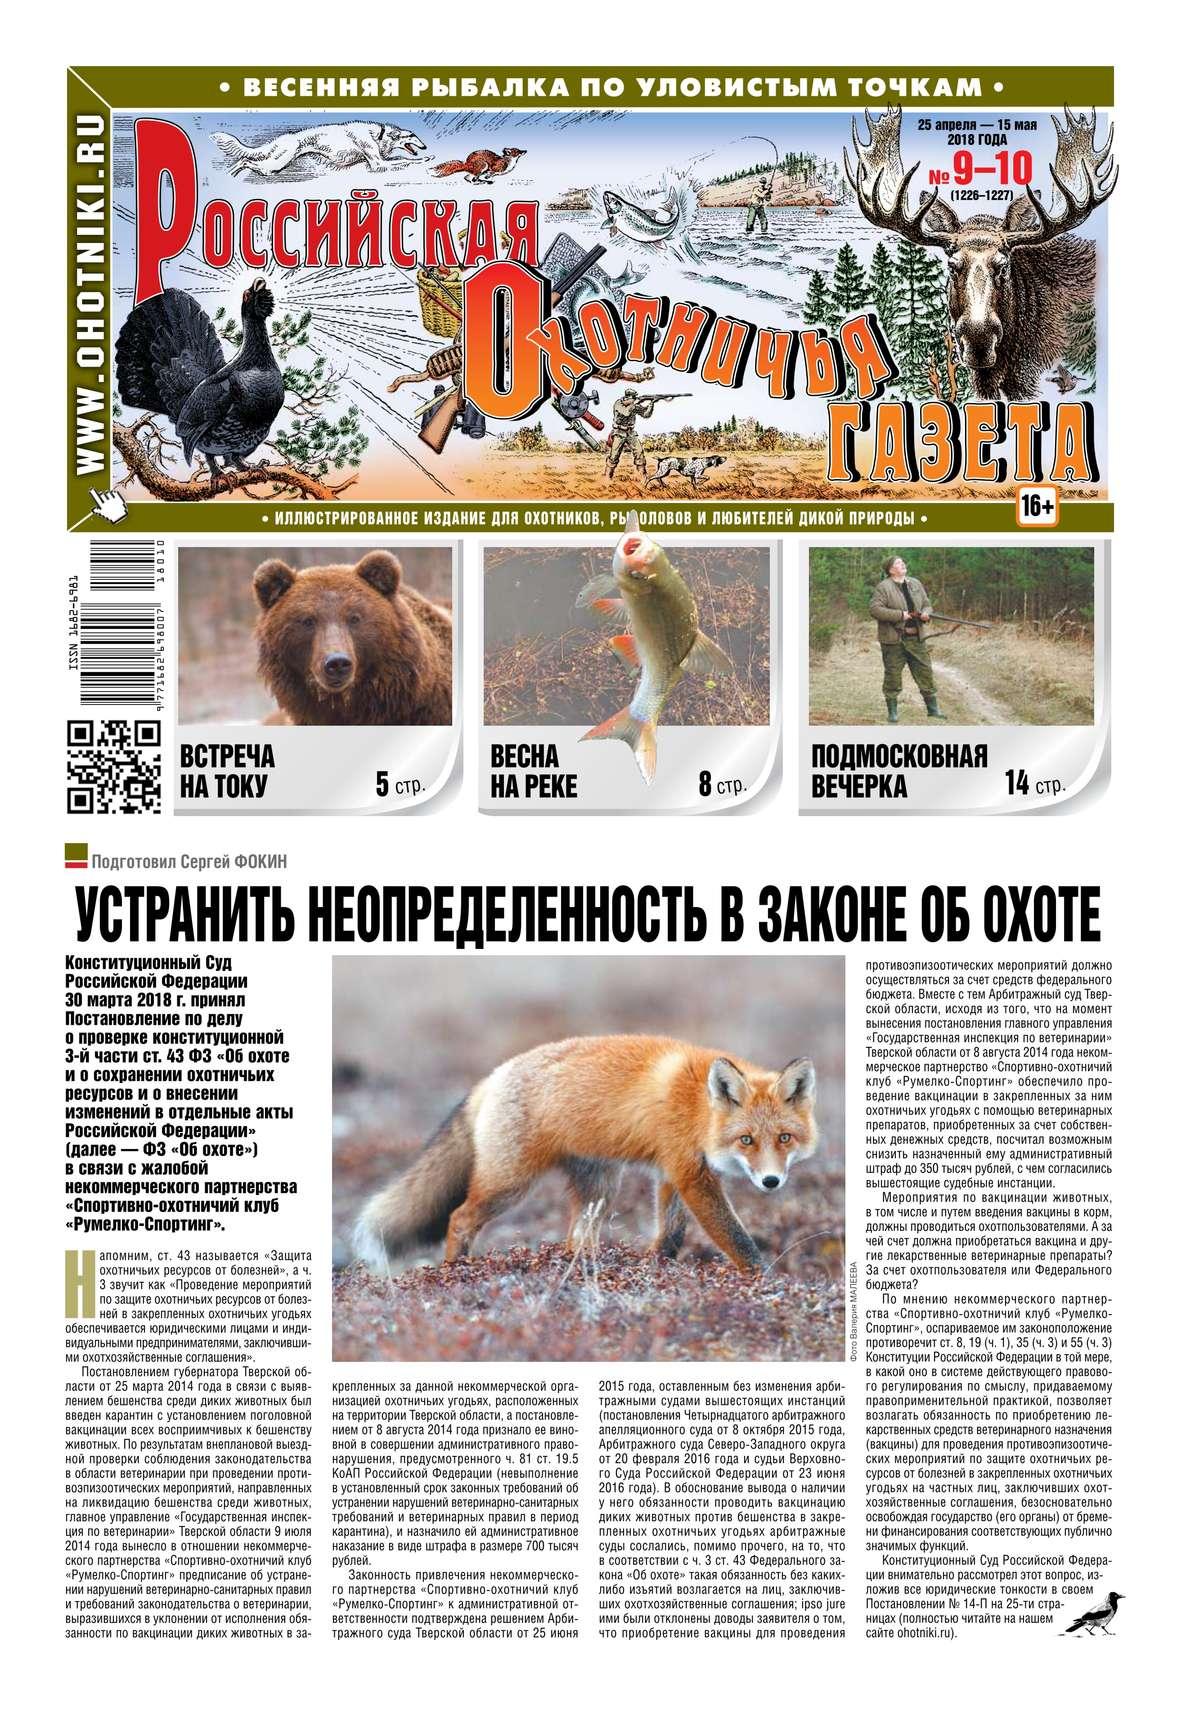 Редакция газеты Российская Охотничья Газета Российская Охотничья Газета 09-10-2018 цены